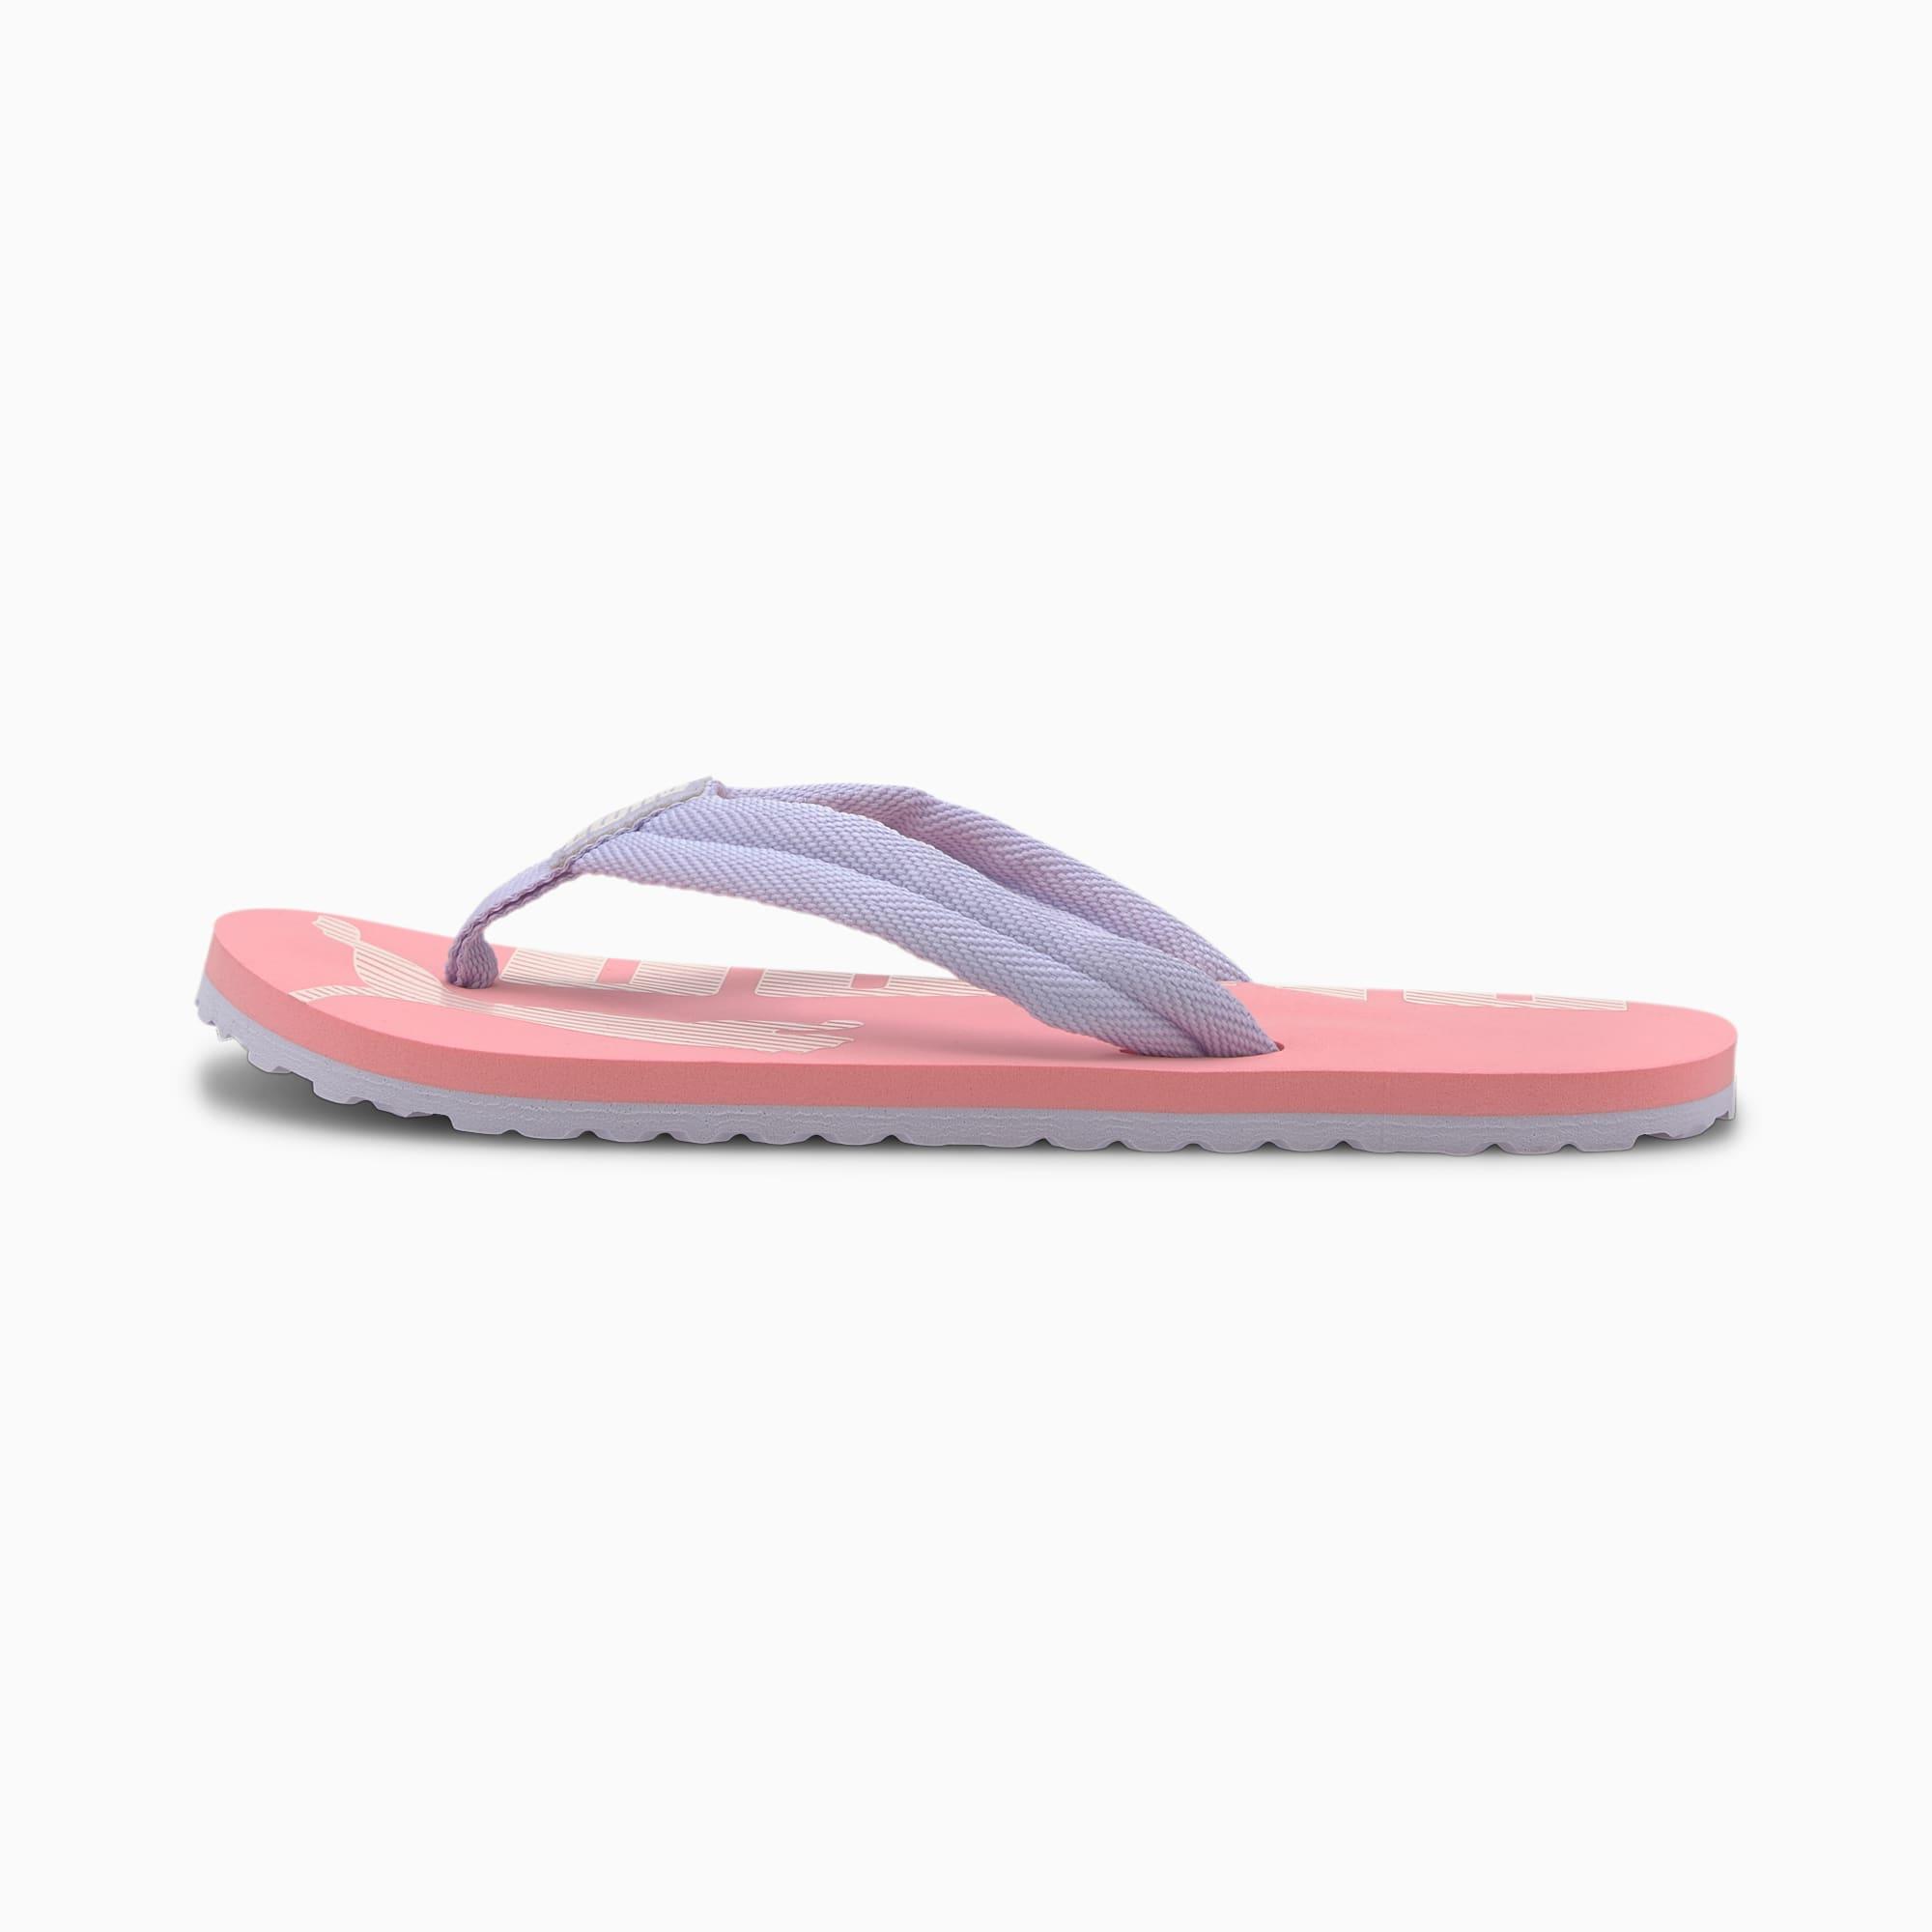 PUMA Tong Epic Flip v2 pour enfant, Violet/Bruyère, Taille 39, Chaussures